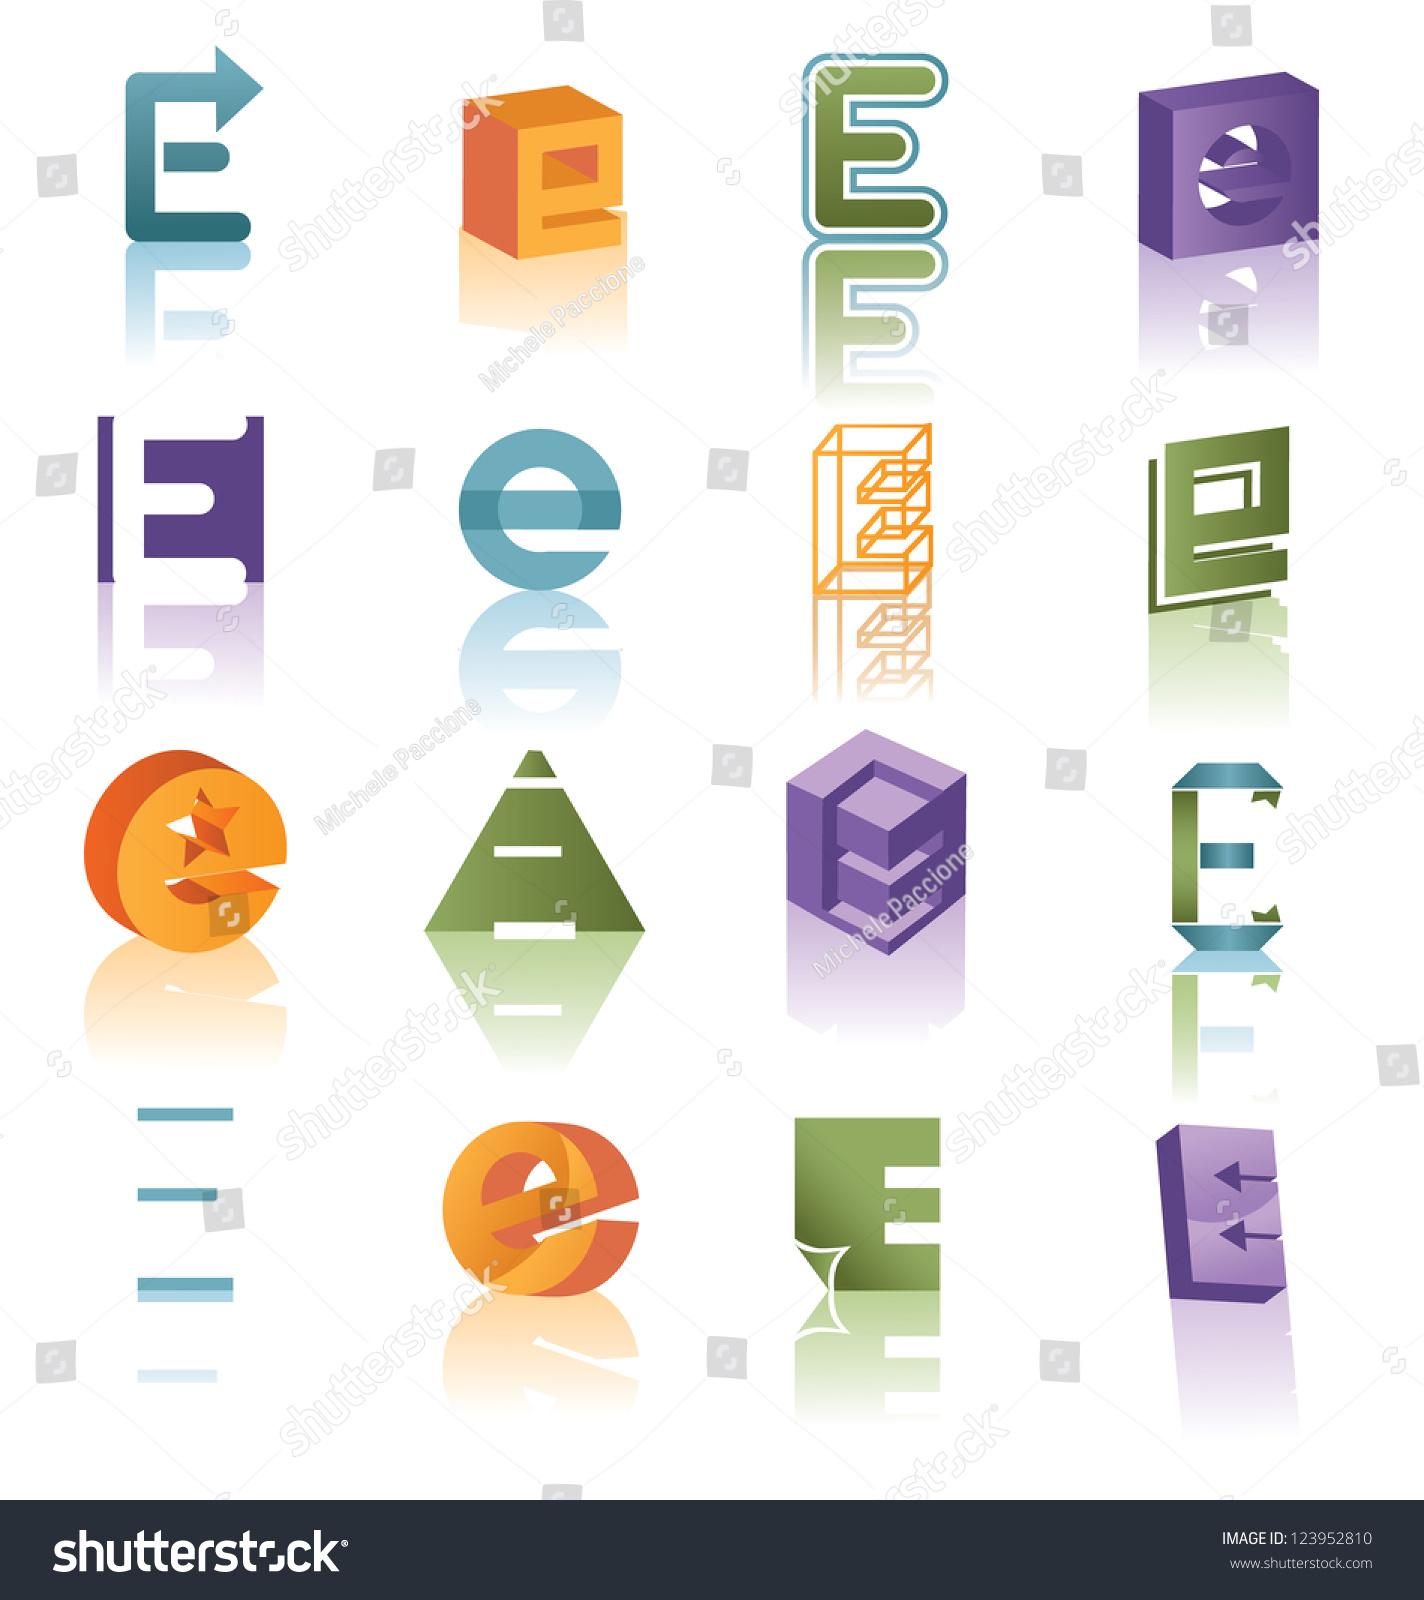 巨大的矢量图标符号设置字母-物体,抽象-海洛创意()-.